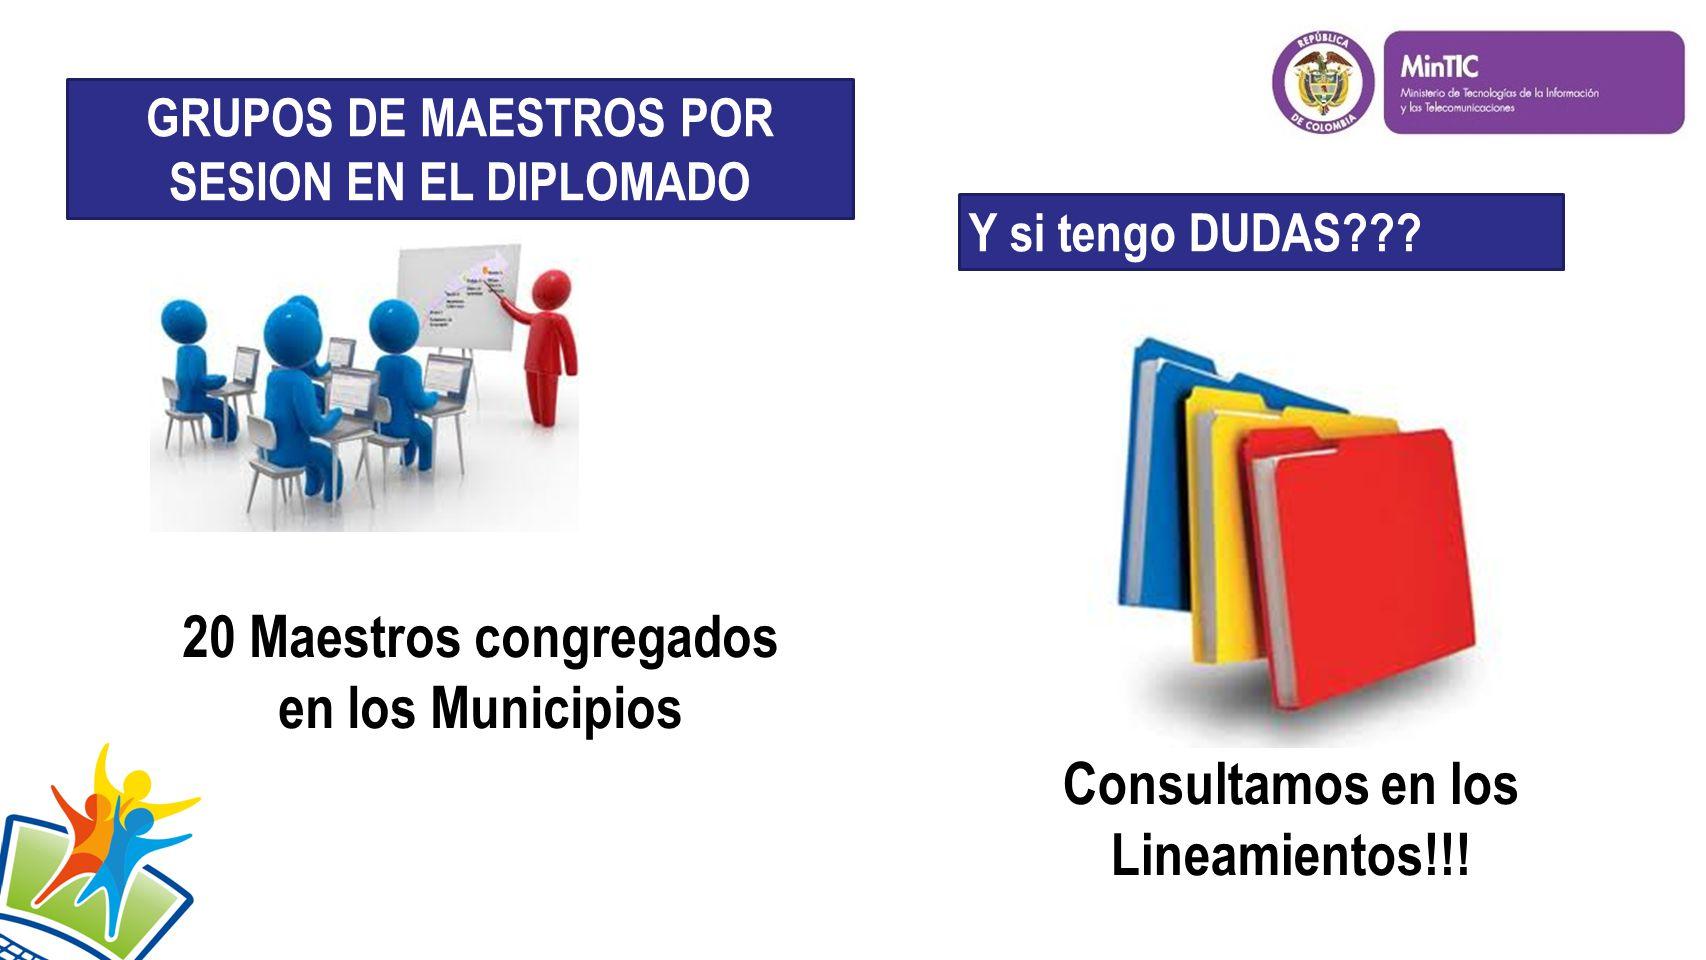 20 Maestros congregados en los Municipios GRUPOS DE MAESTROS POR SESION EN EL DIPLOMADO Y si tengo DUDAS .